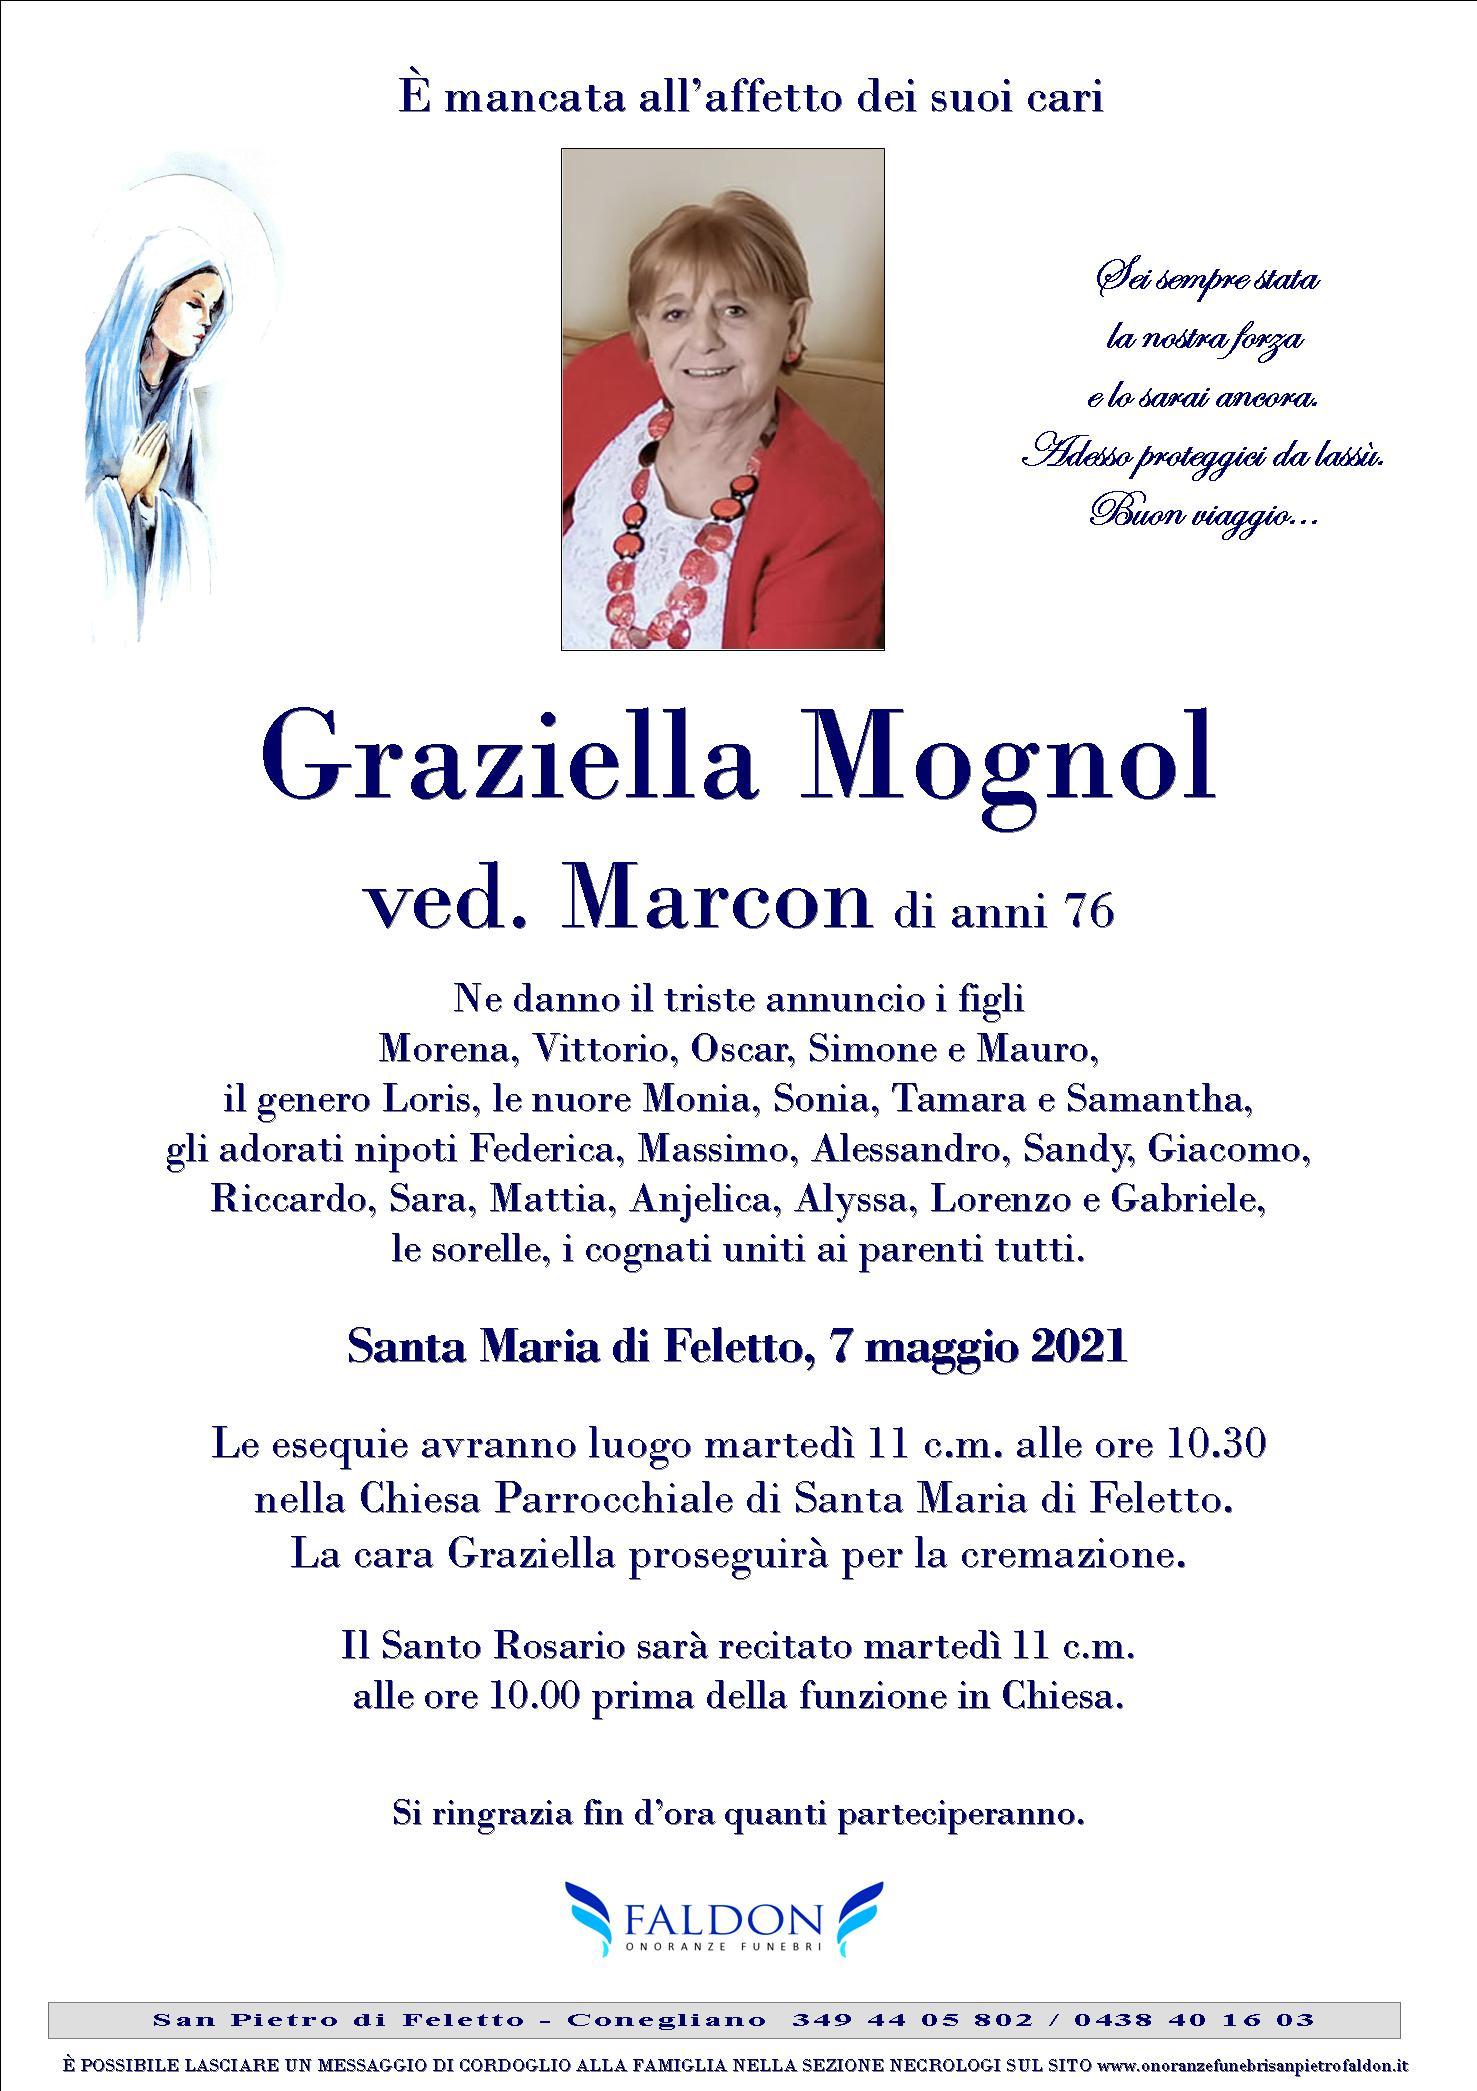 Graziella Mognol